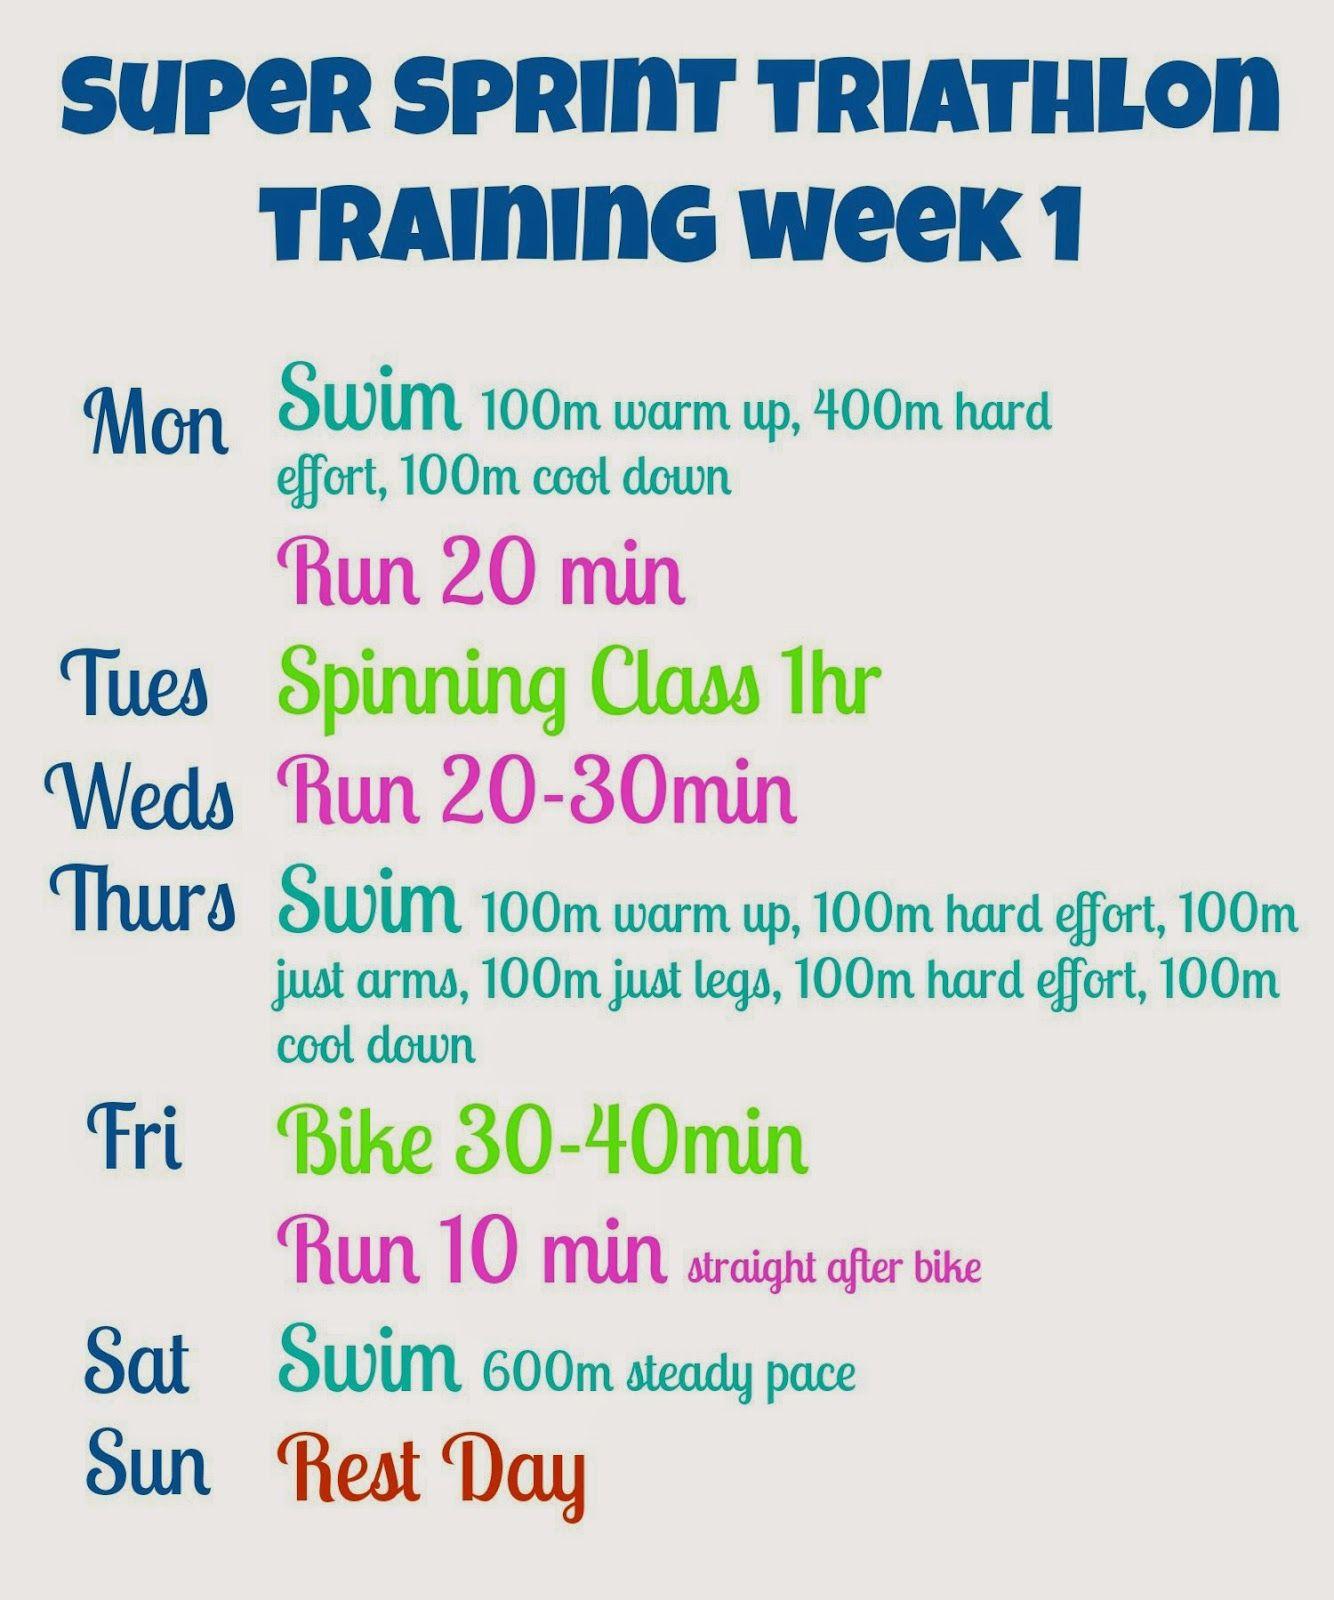 6 Week Beginner Super Sprint Triathlon Plan | Marathoner +